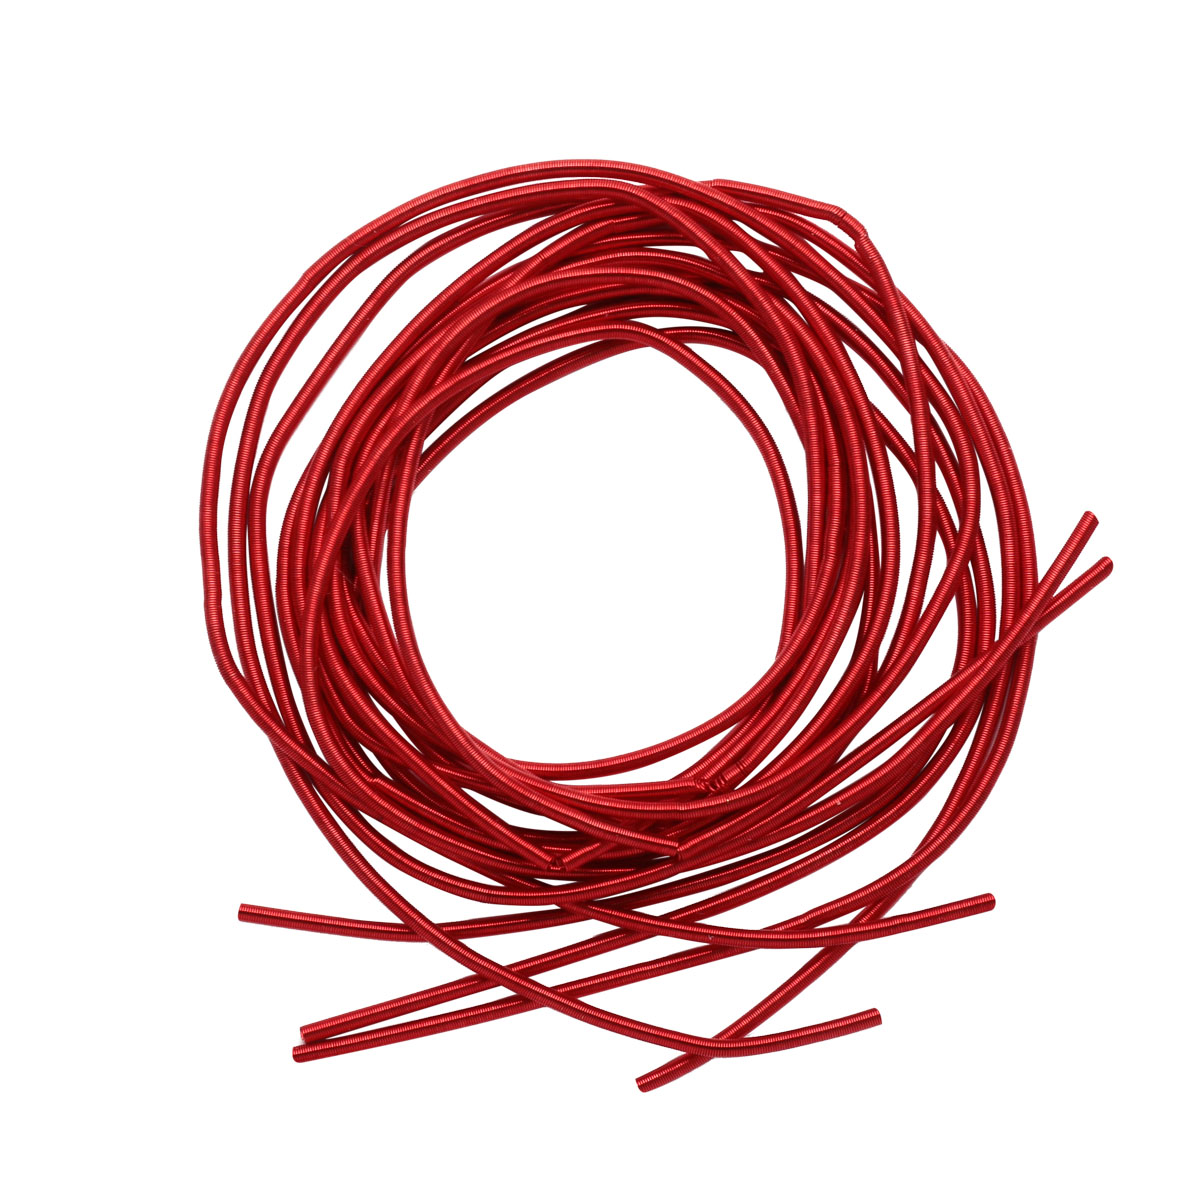 КА005НН1 Упаковка Канитель гладкая Красный 1 мм, 5 грамм +/- 0,5 гр.